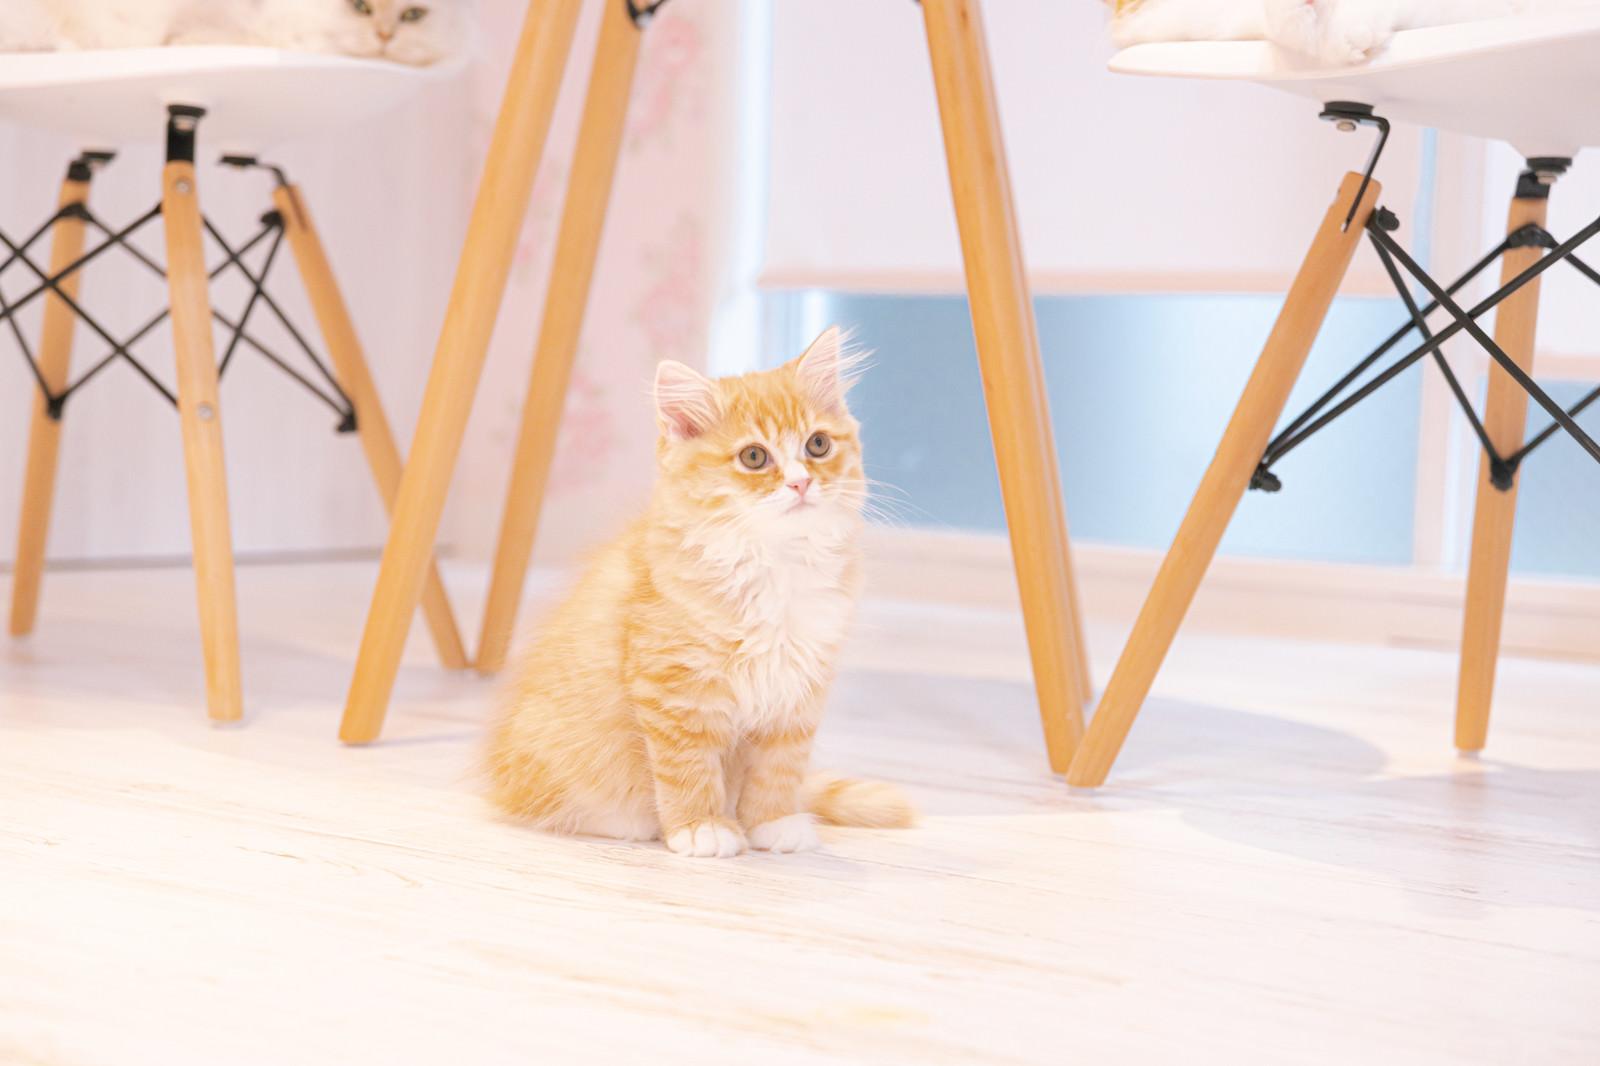 テーブルの下でおすわりする子猫のフリー素材